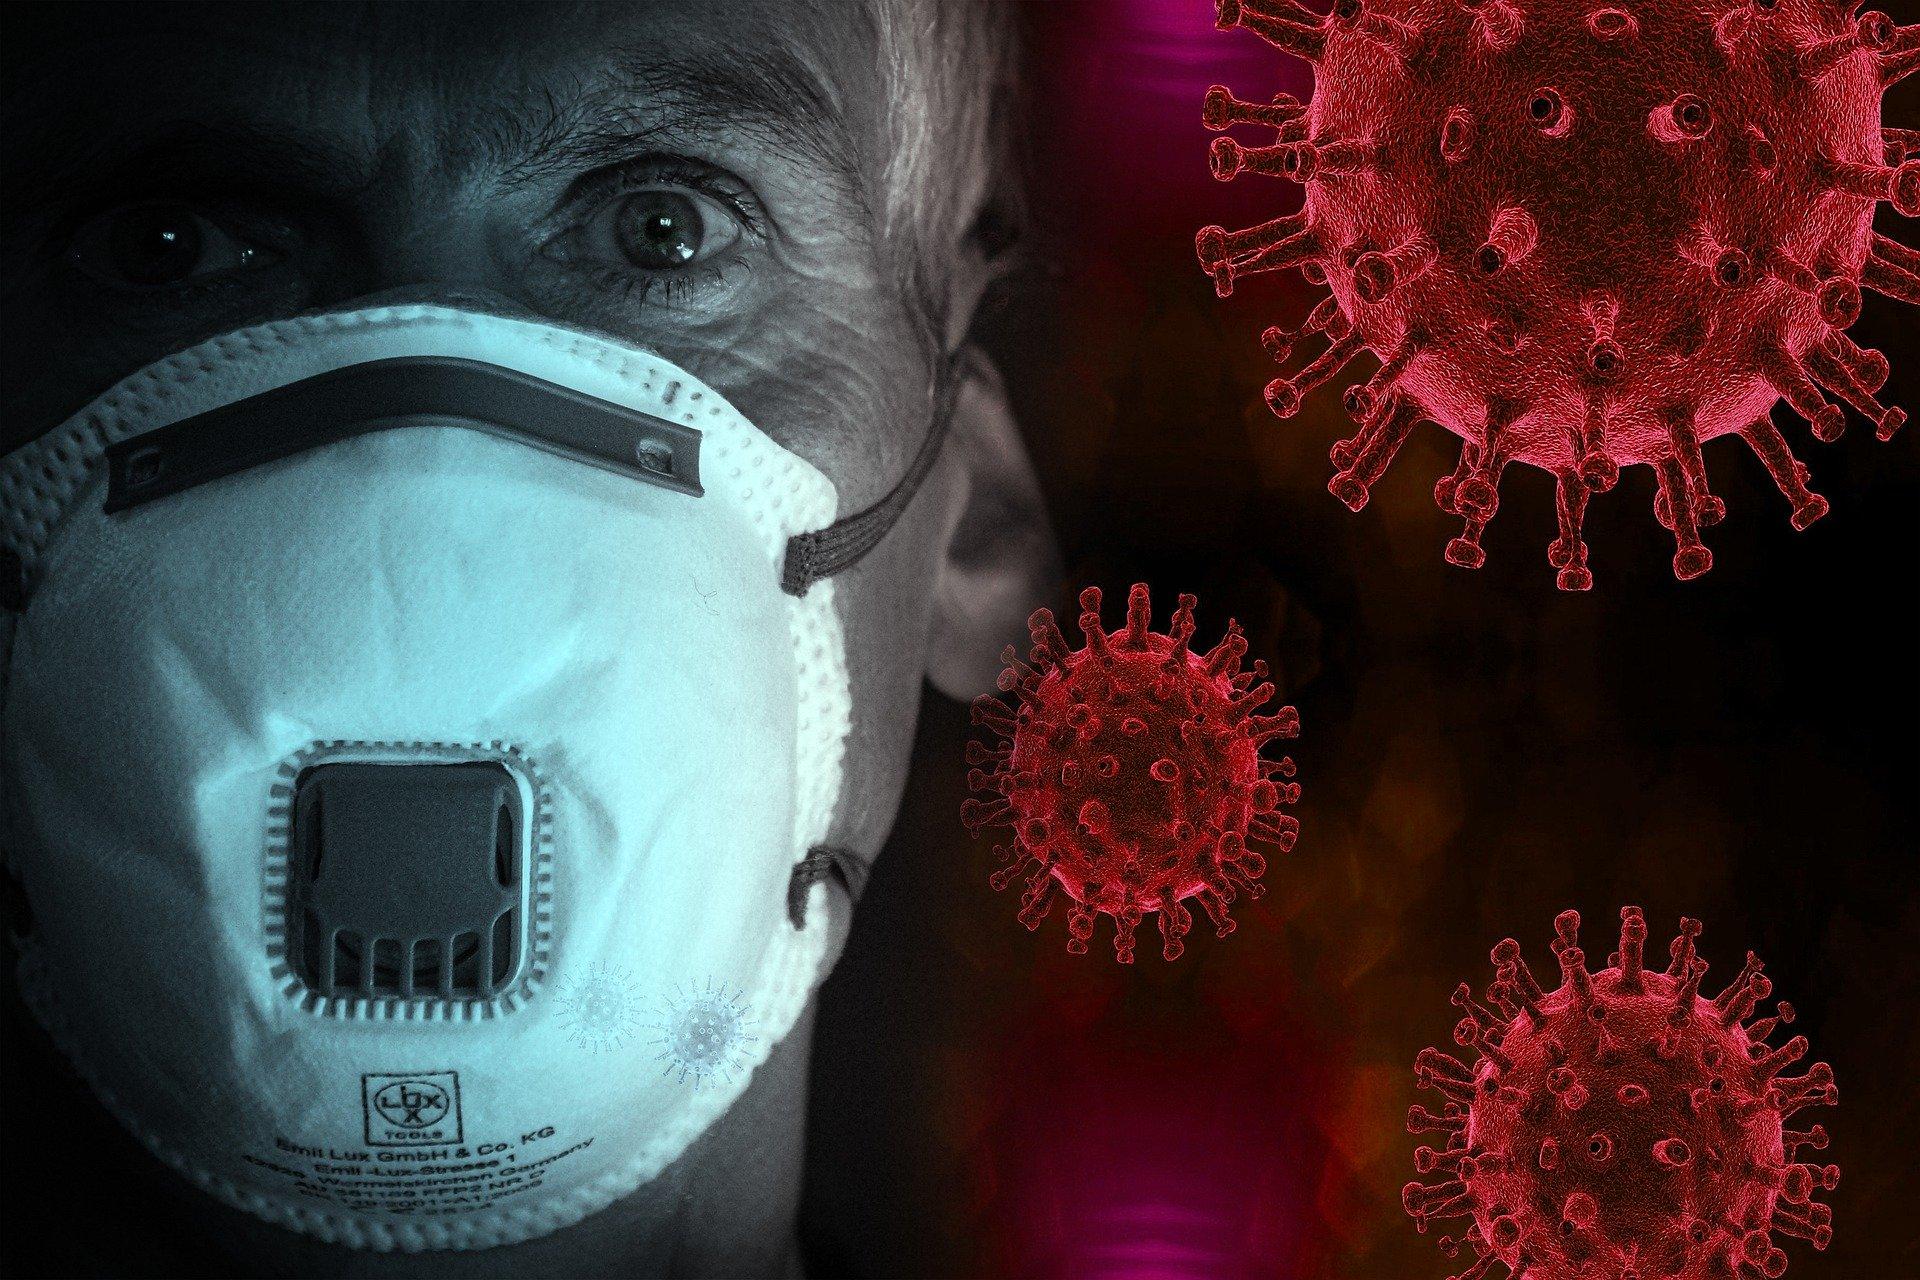 Schutzmasken für die Corona-Pandemie kaufen